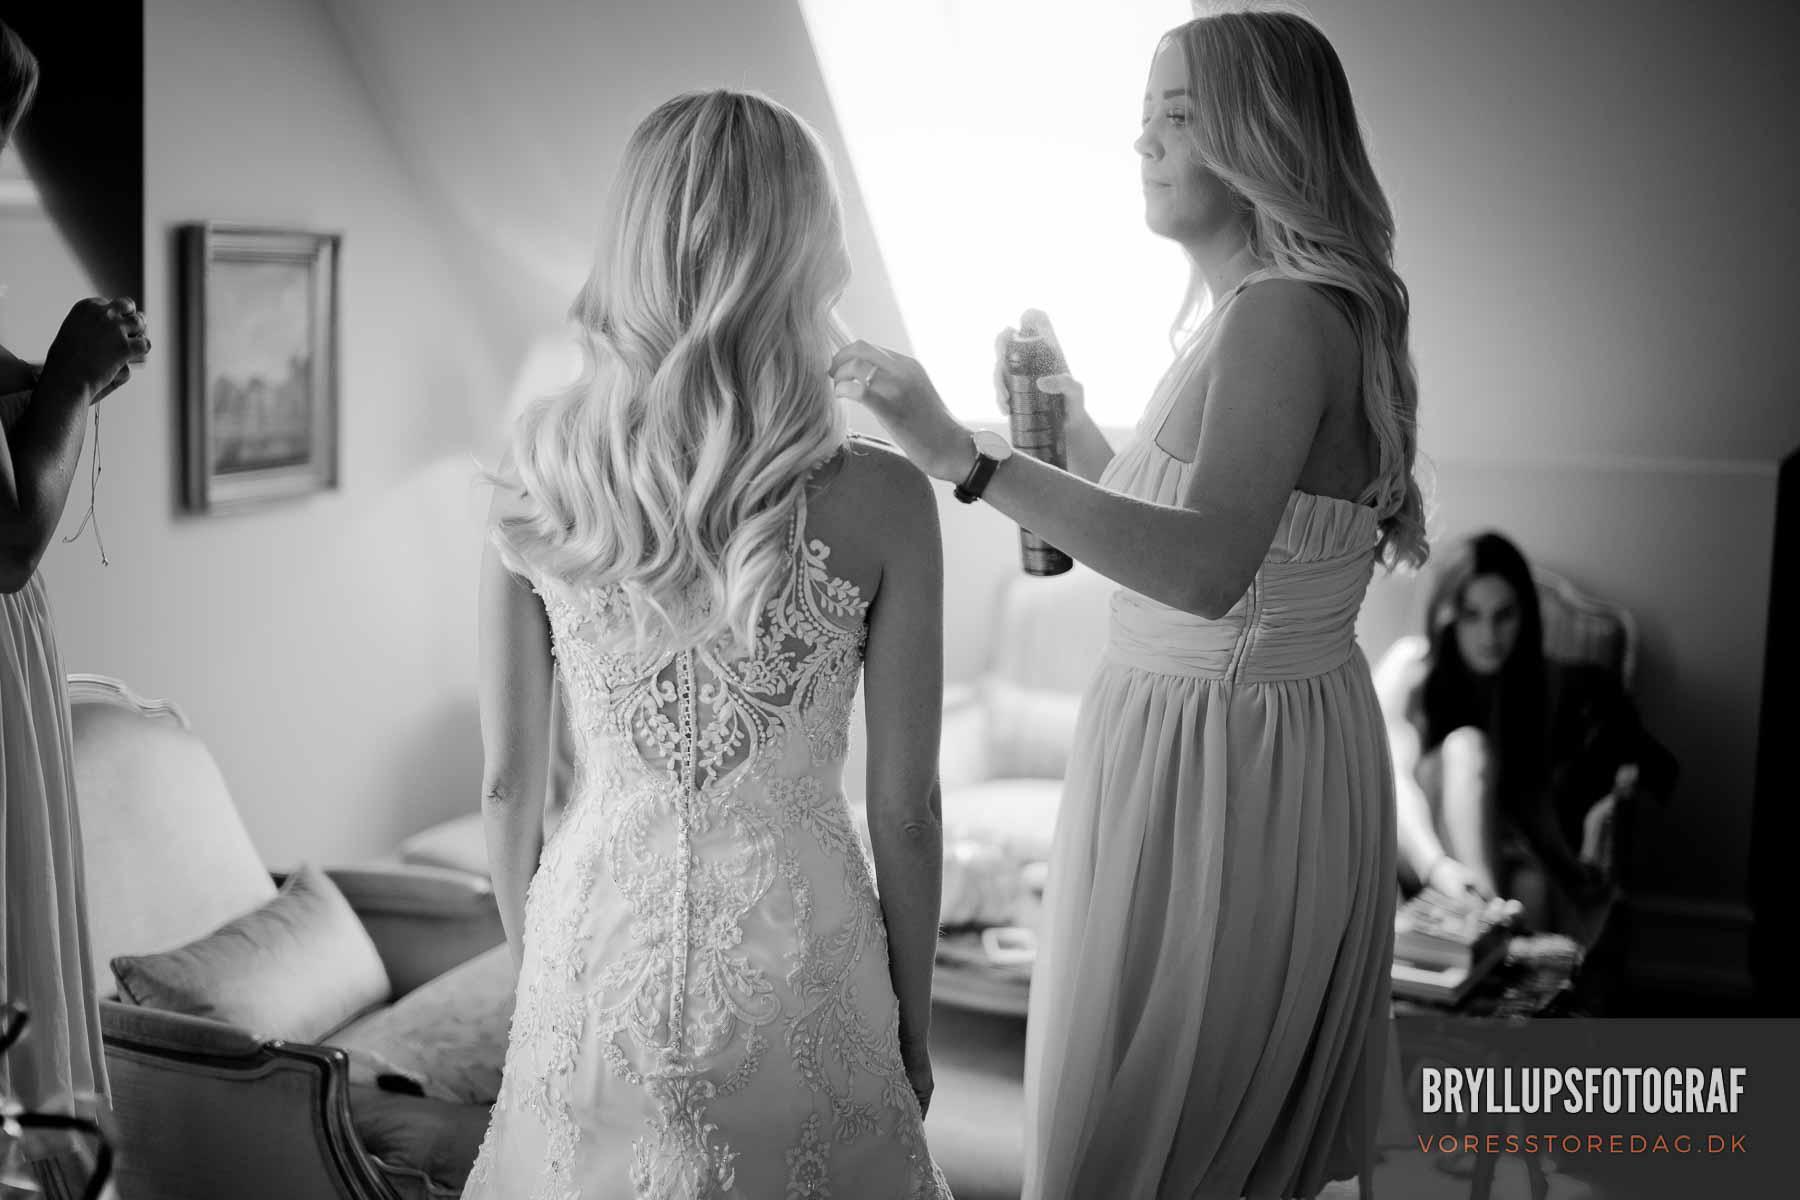 Make Your Dream Wedding Come True!